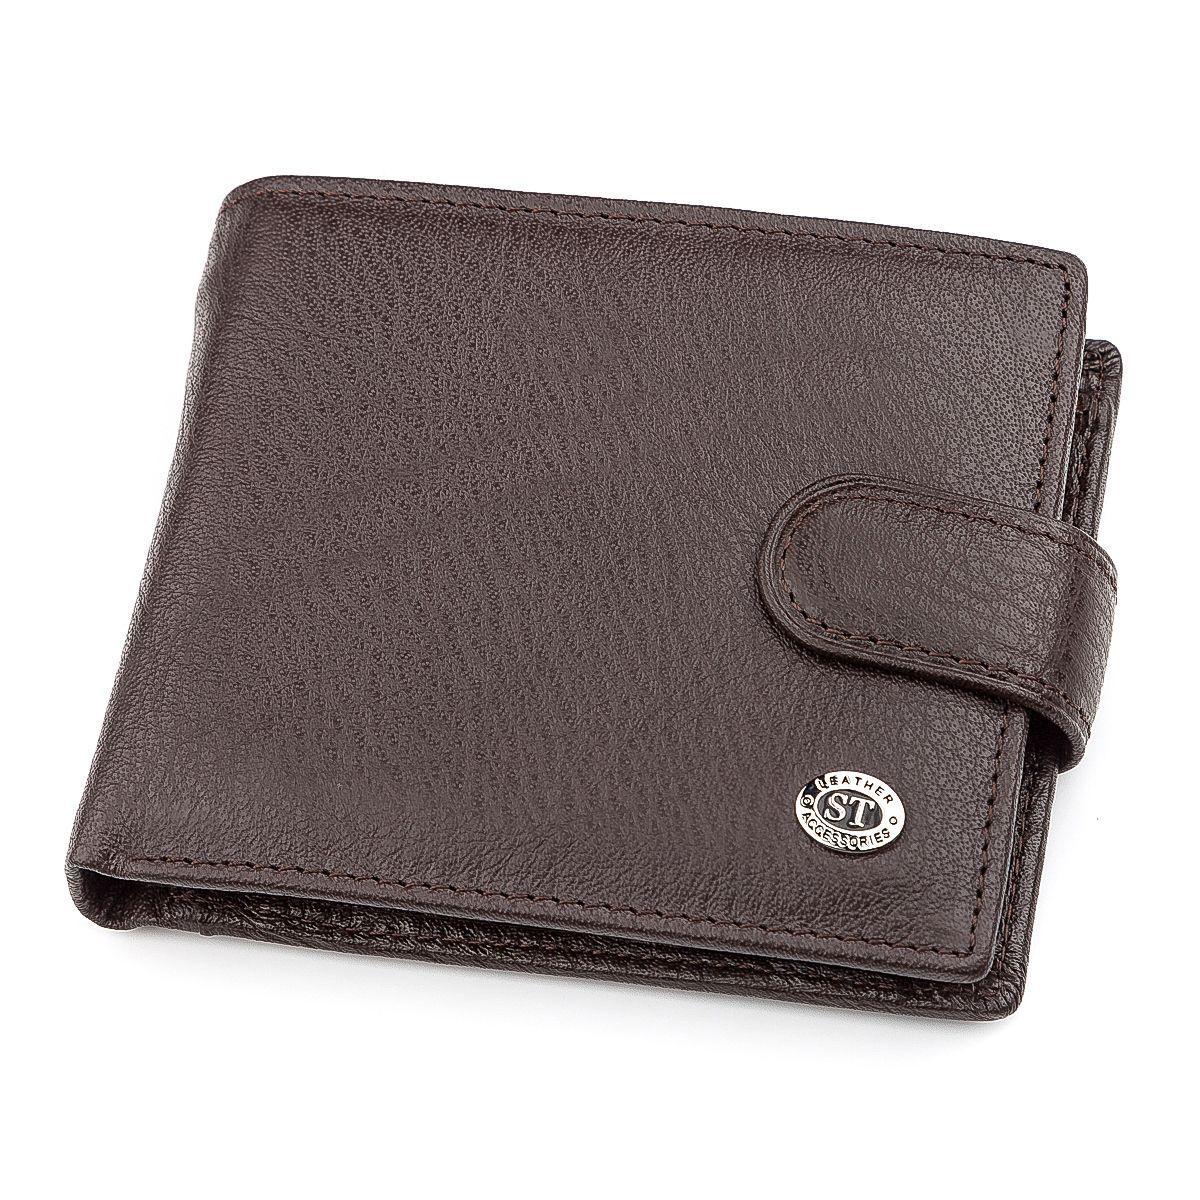 Мужской Кошелек St Leather 18310 (St103) Натуральная Кожа Коричневый, Коричневый